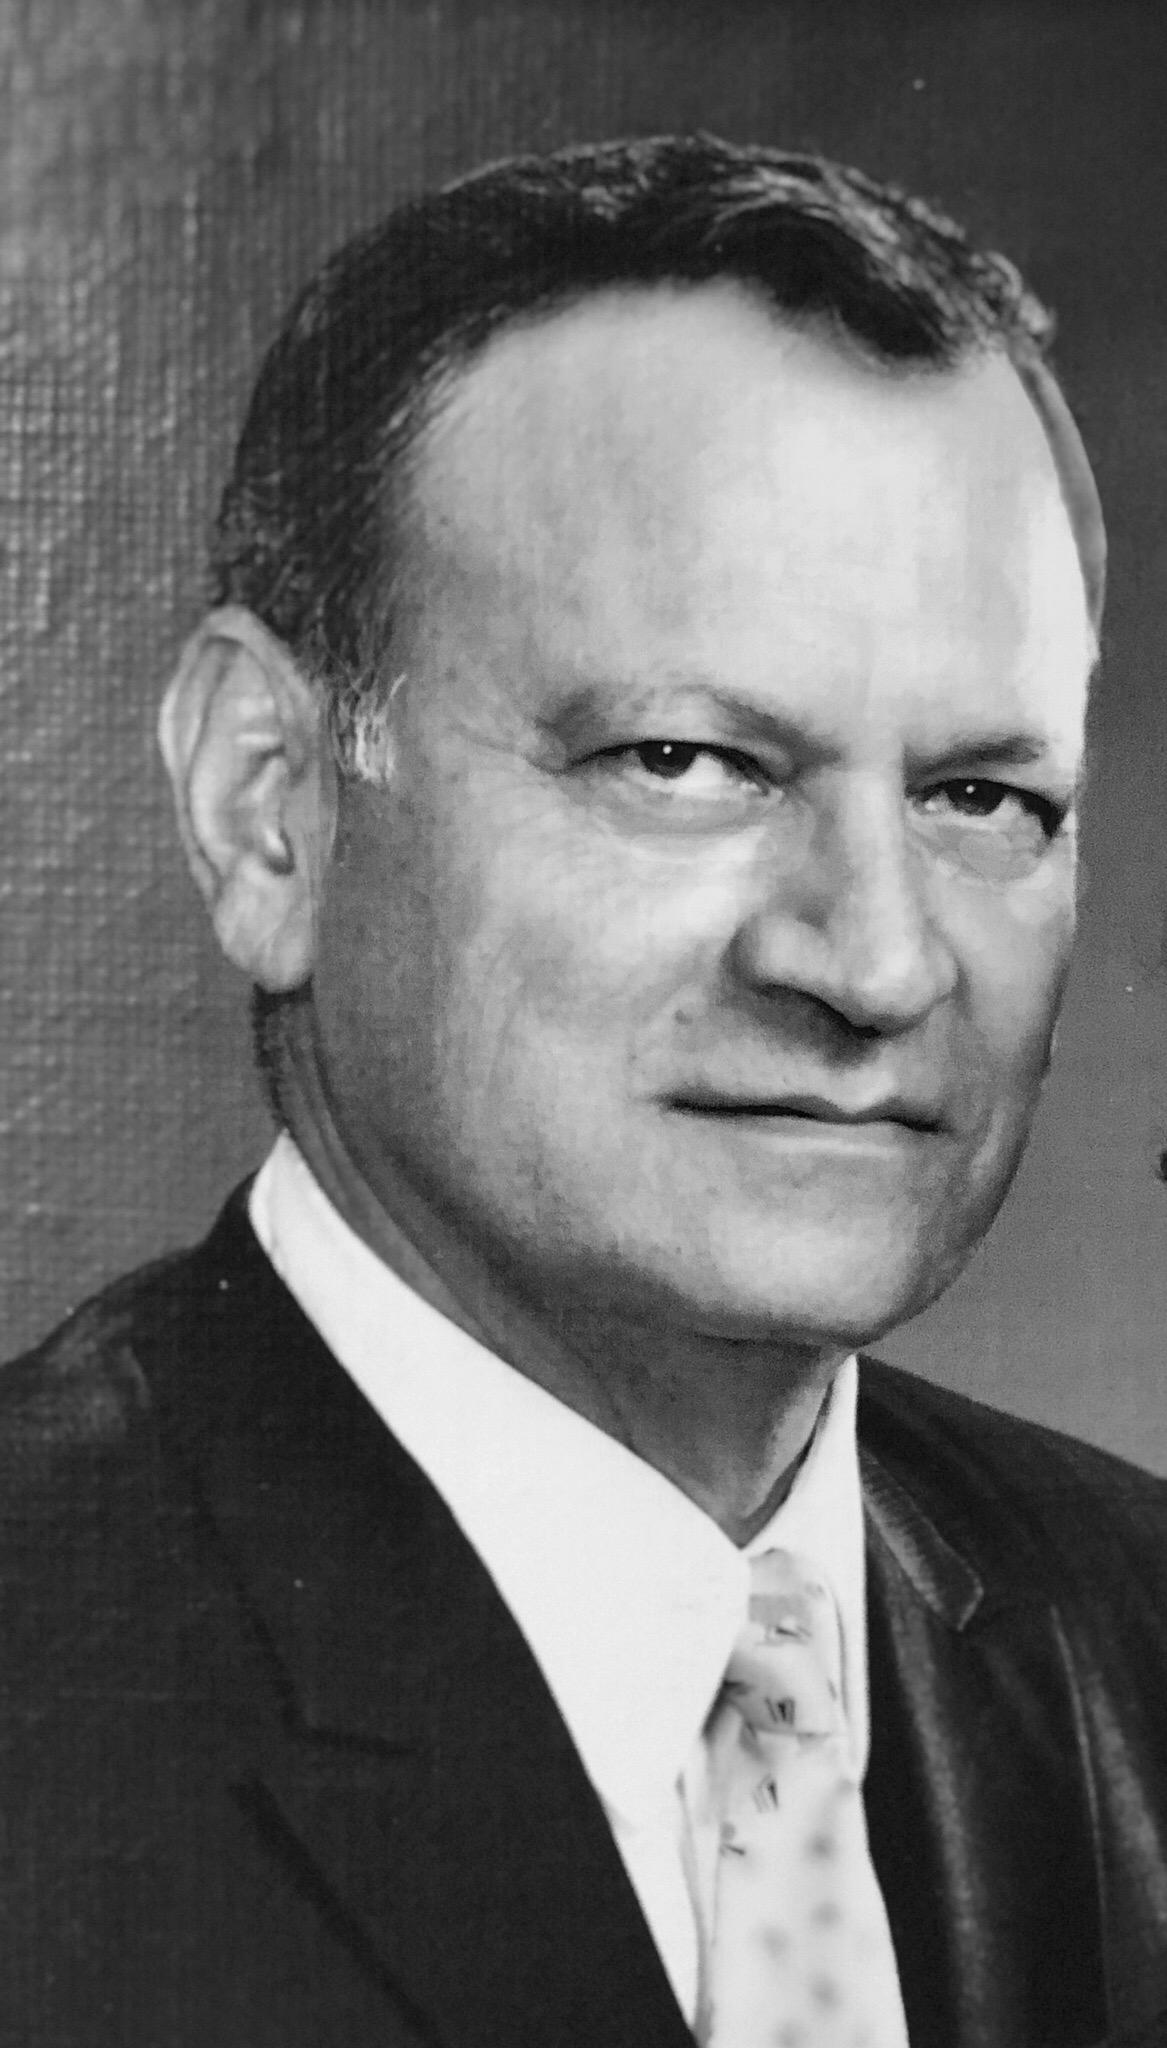 Edward Felix Obit